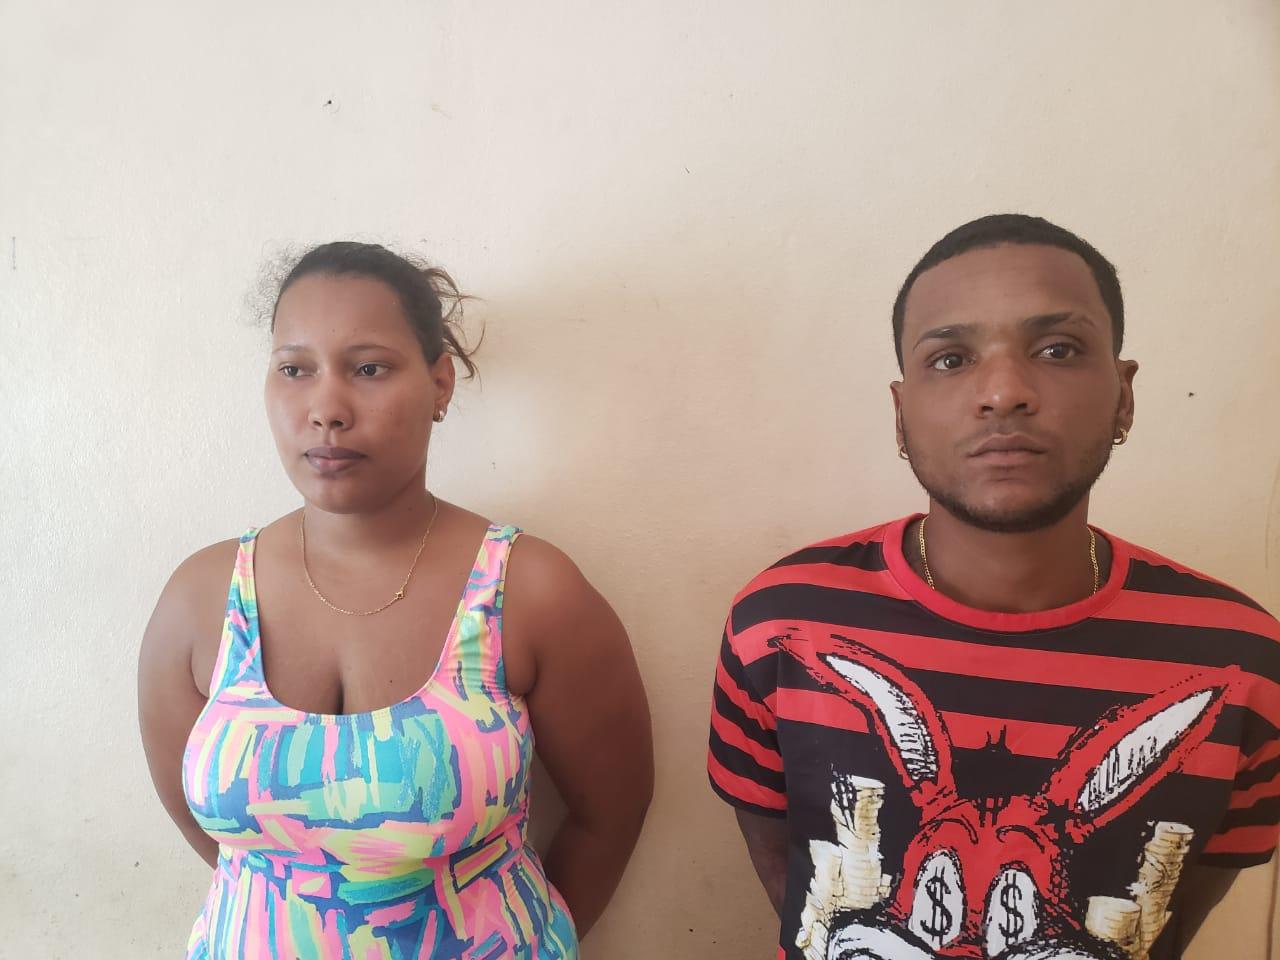 Arrestan a hombre y mujer por asaltar a ciudadanos mientras compraban alimentos